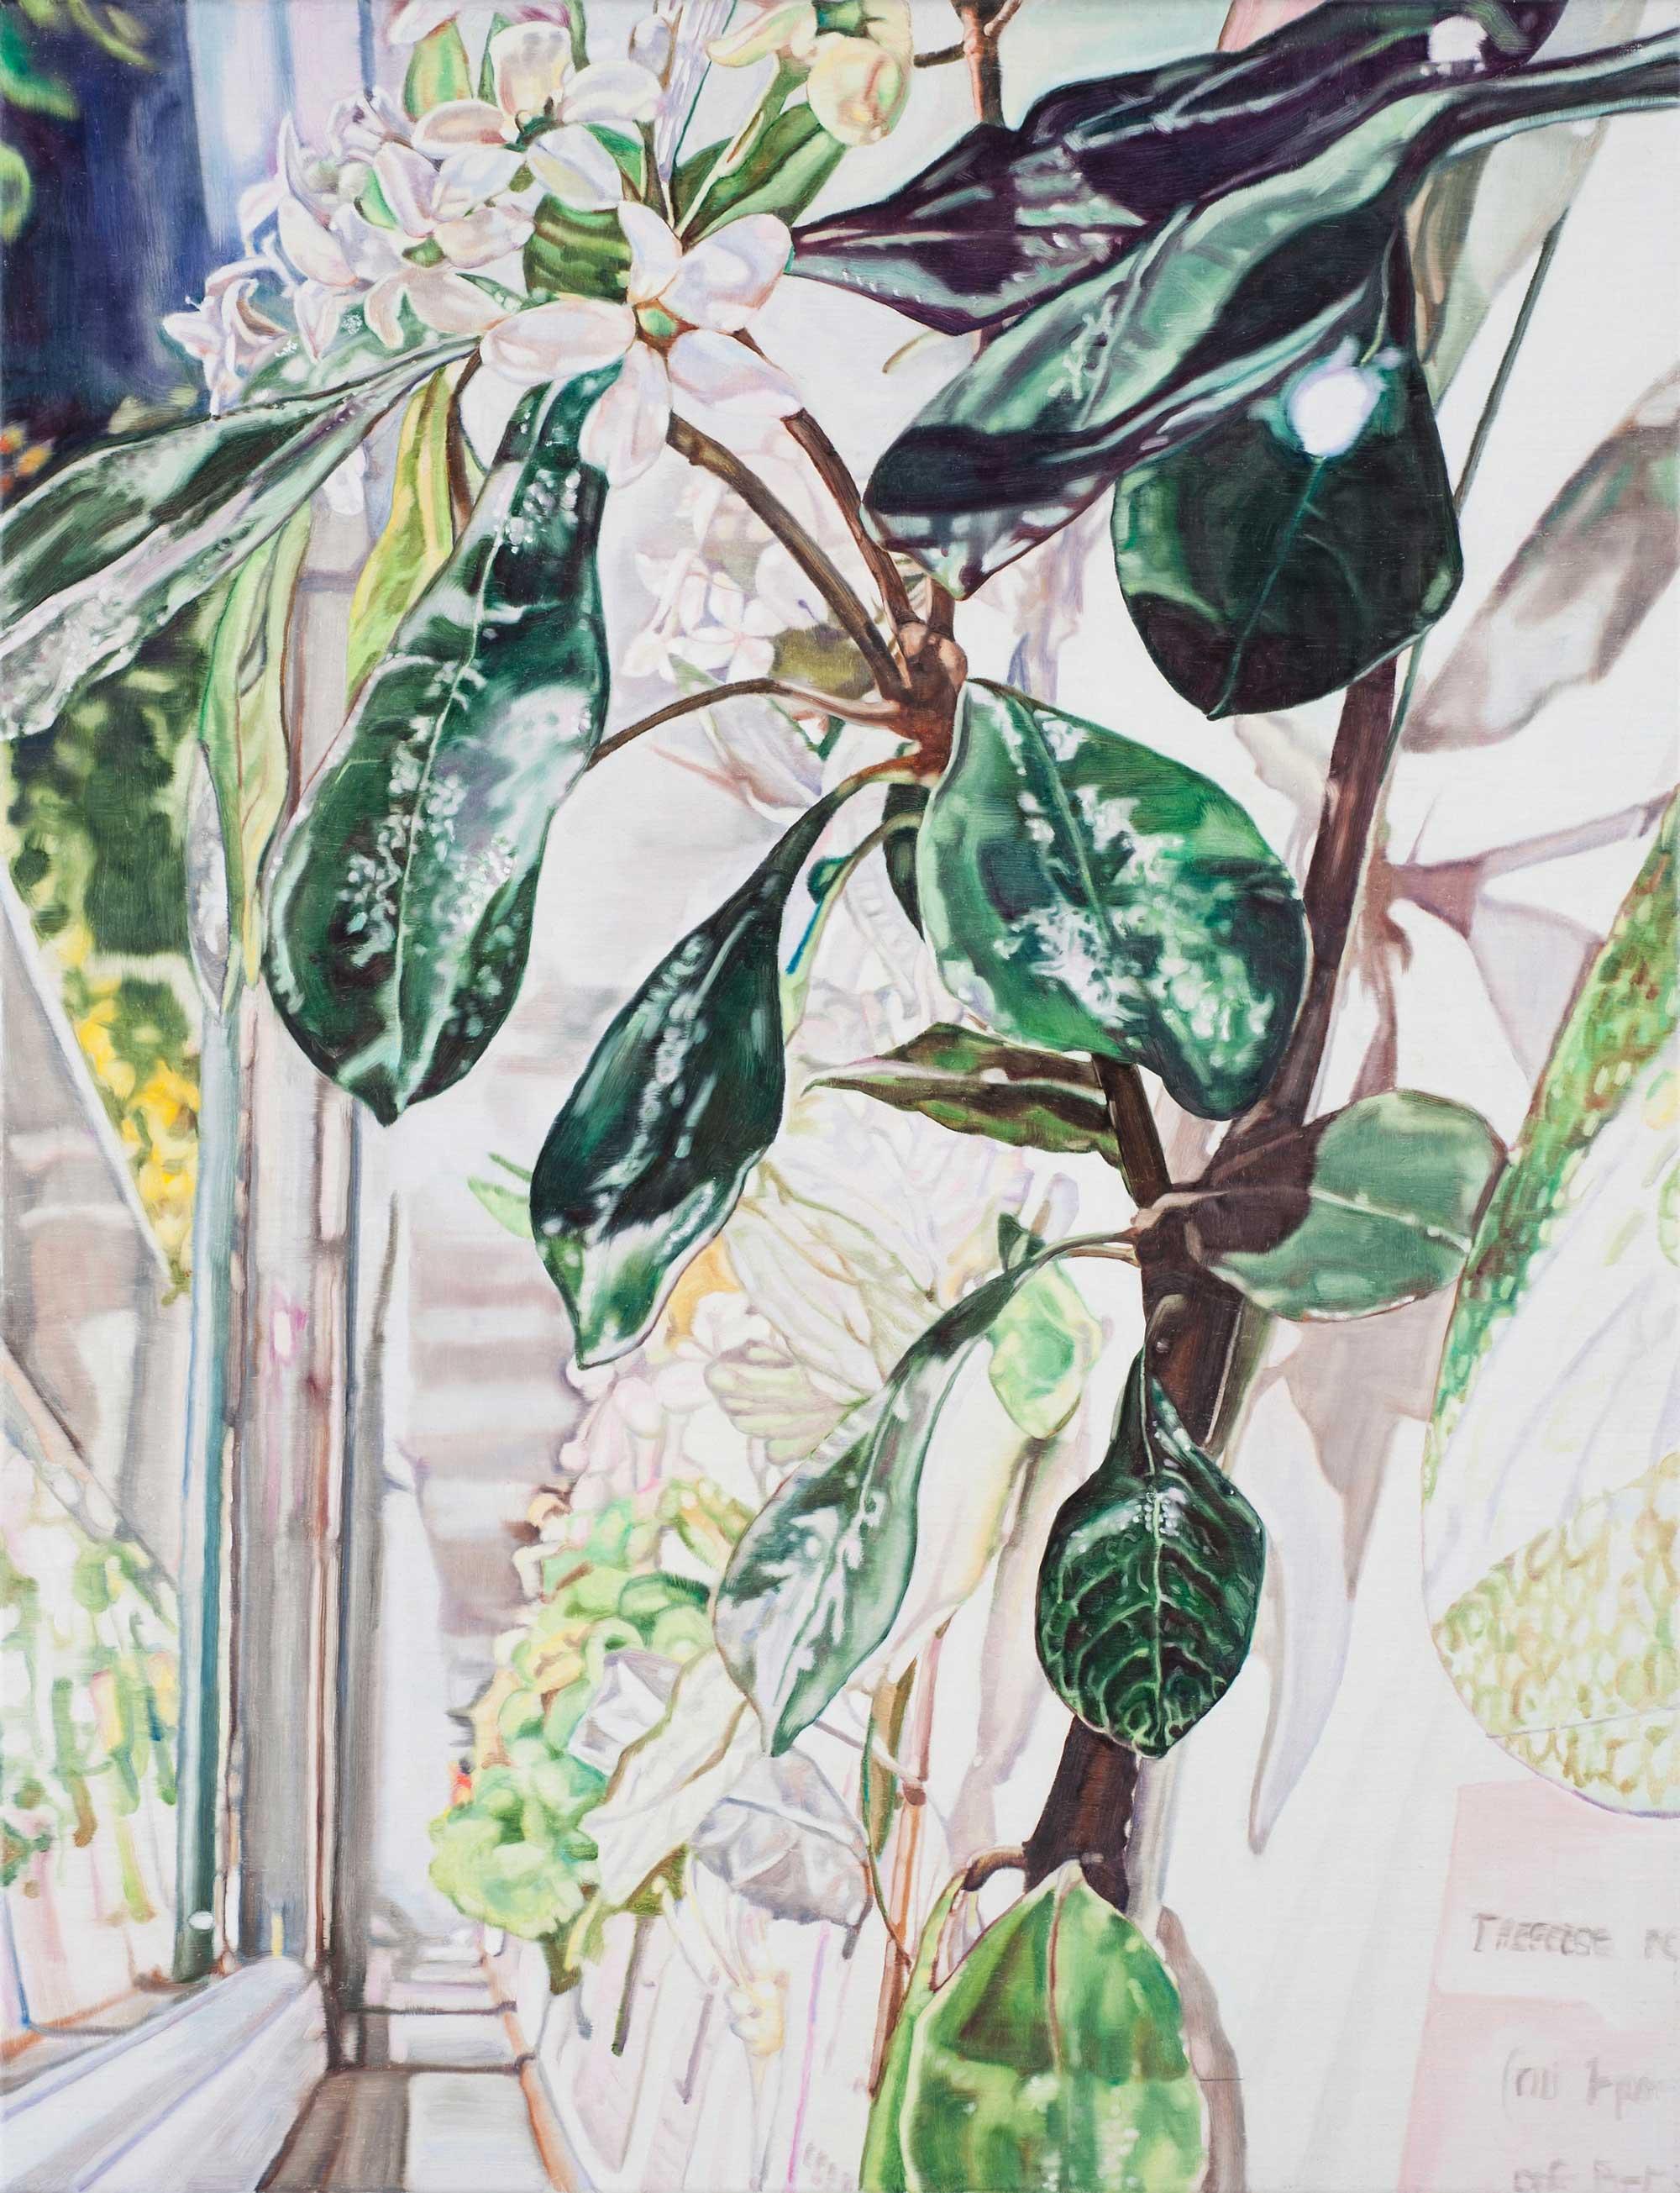 Hanging Garden #1 , 2013 86 x 66cm Oil on Linen